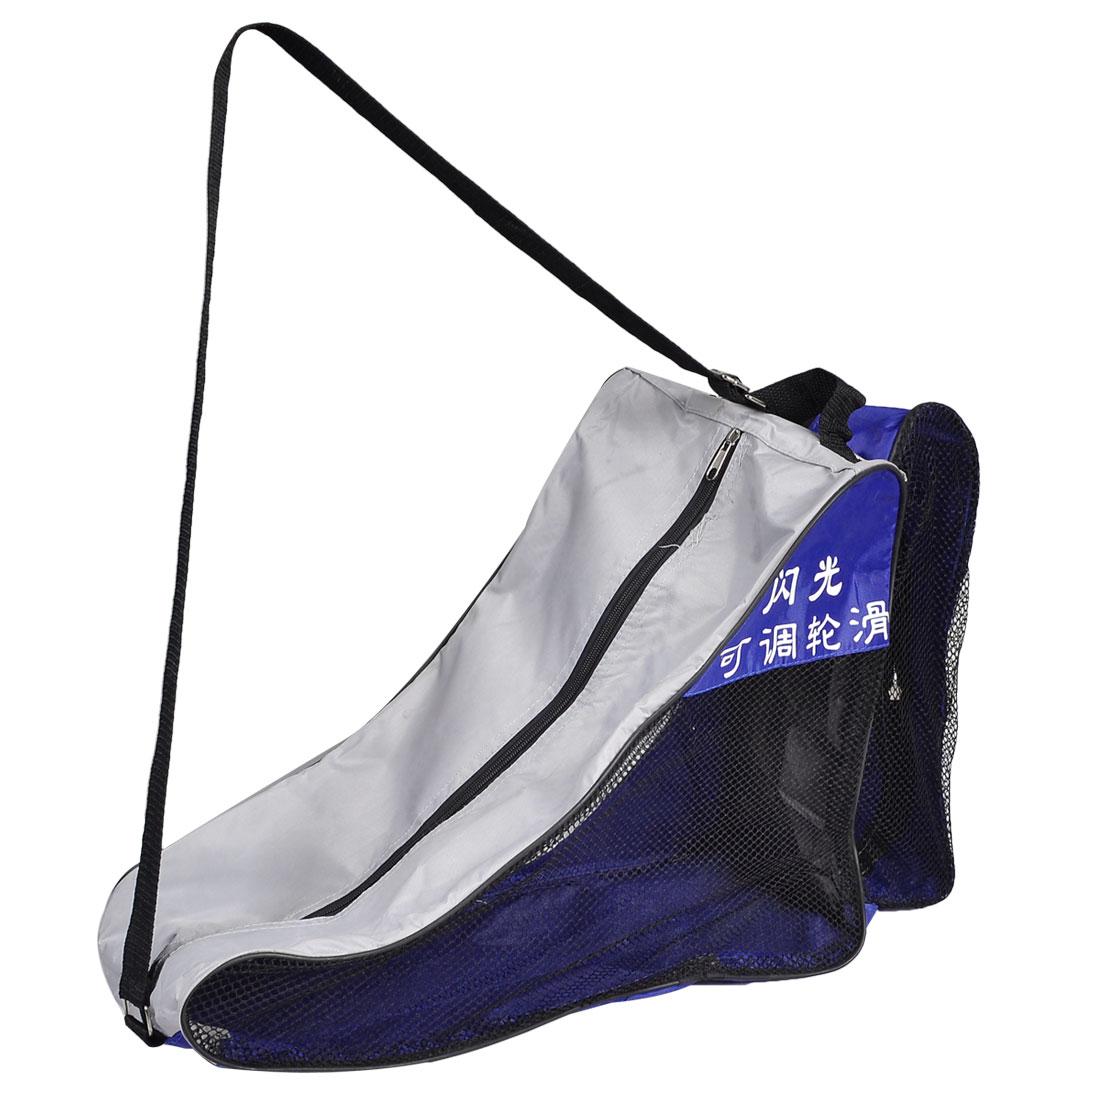 Black Nylon Mesh Zip Up Travel Skating Shoes Shoulder Strap Carry Bag Blue